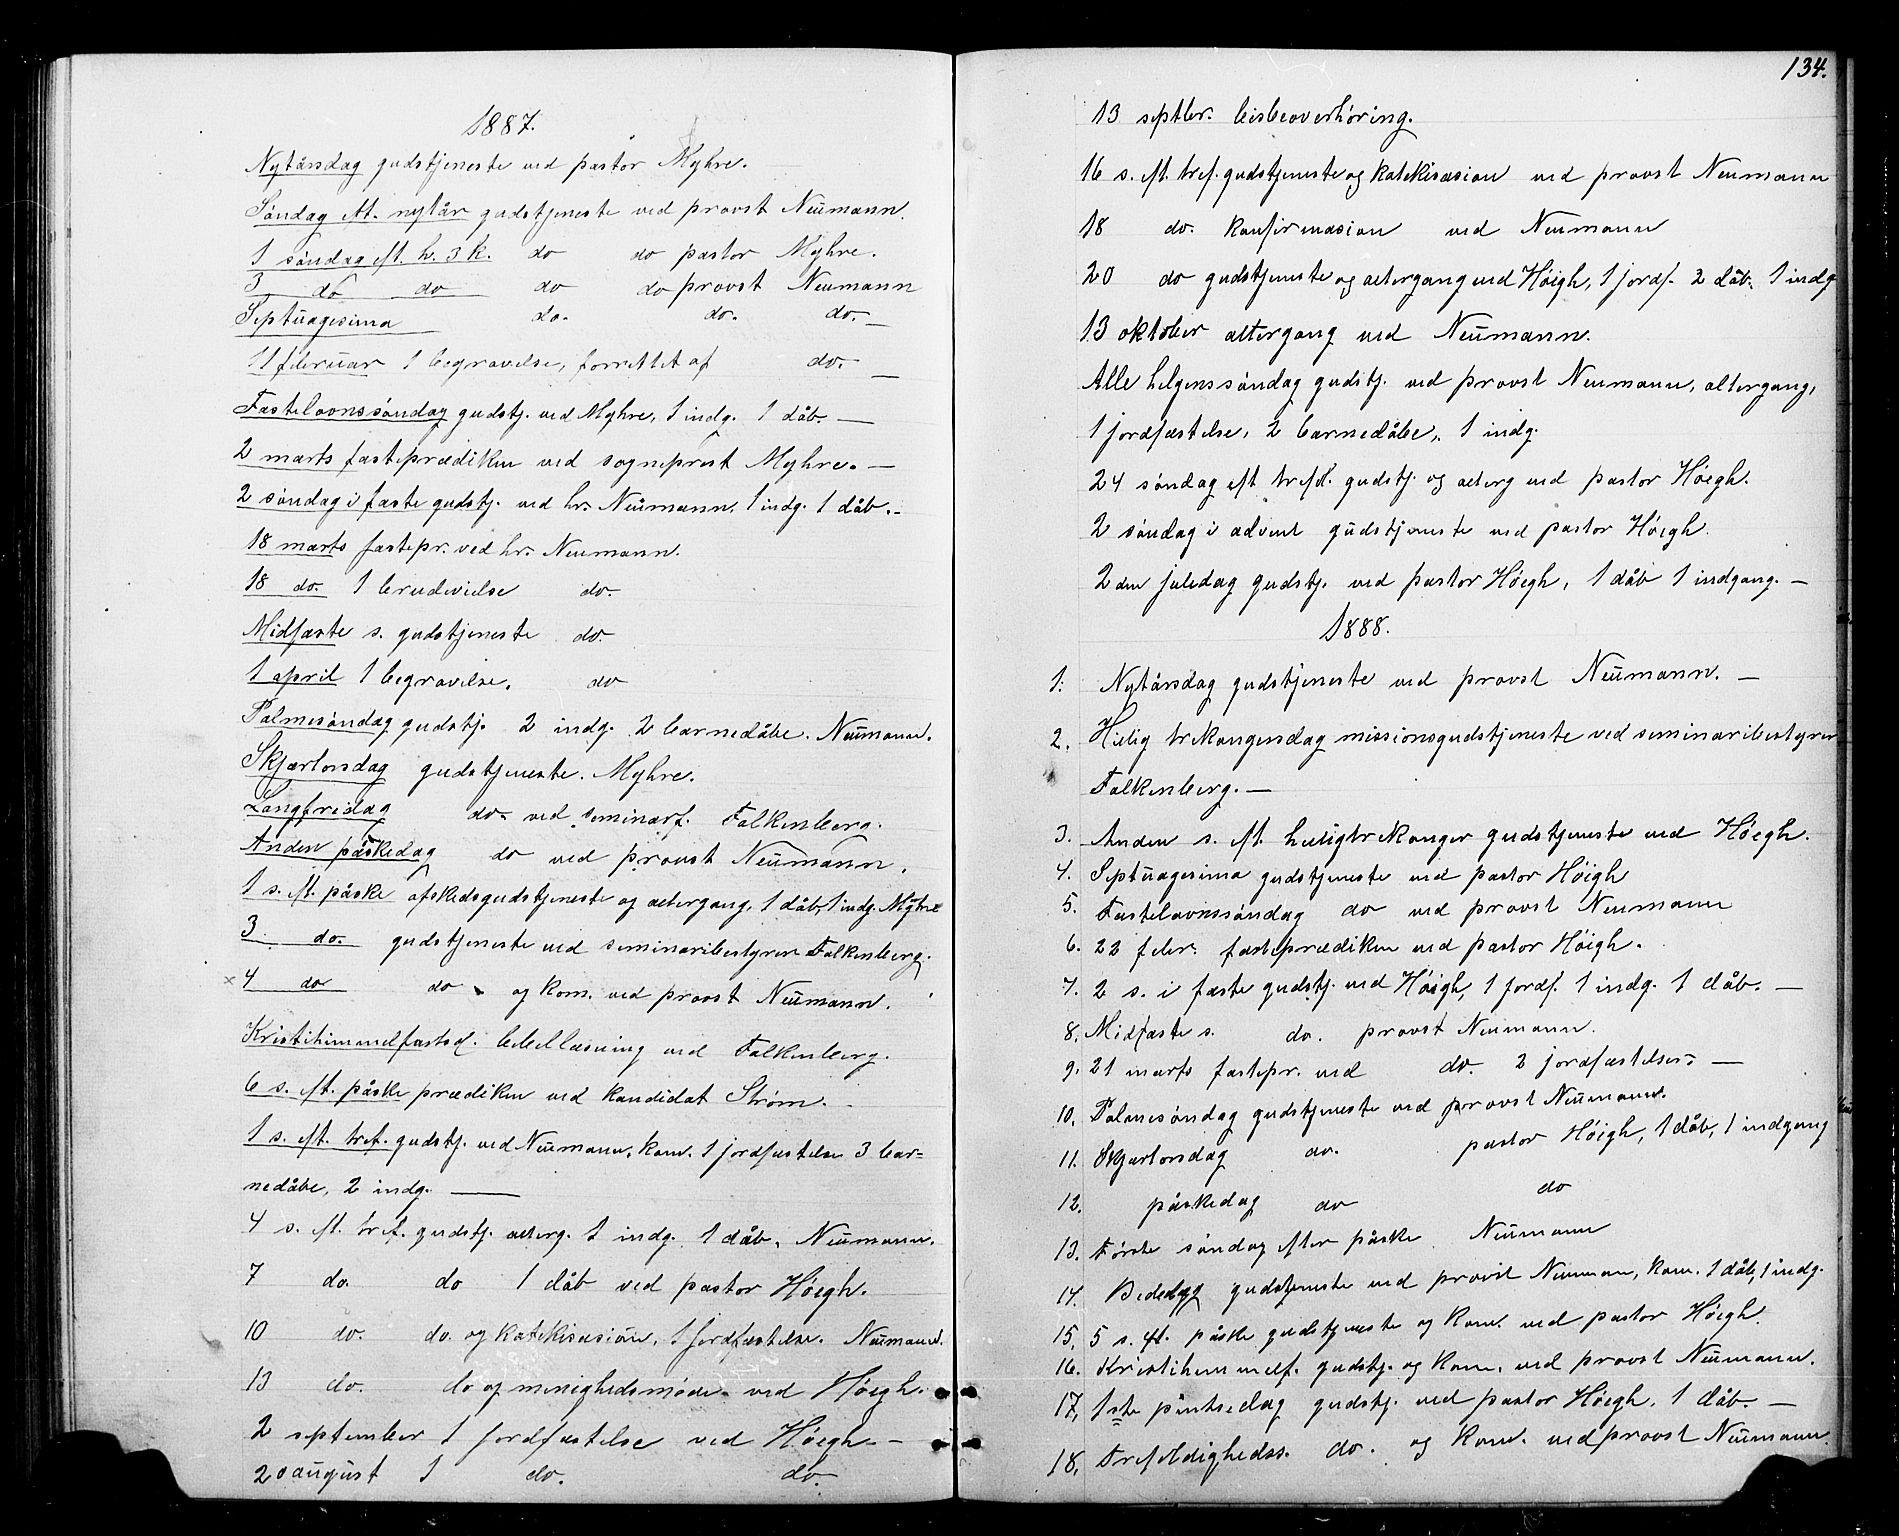 SAT, Ministerialprotokoller, klokkerbøker og fødselsregistre - Sør-Trøndelag, 693/L1123: Klokkerbok nr. 693C04, 1887-1910, s. 134